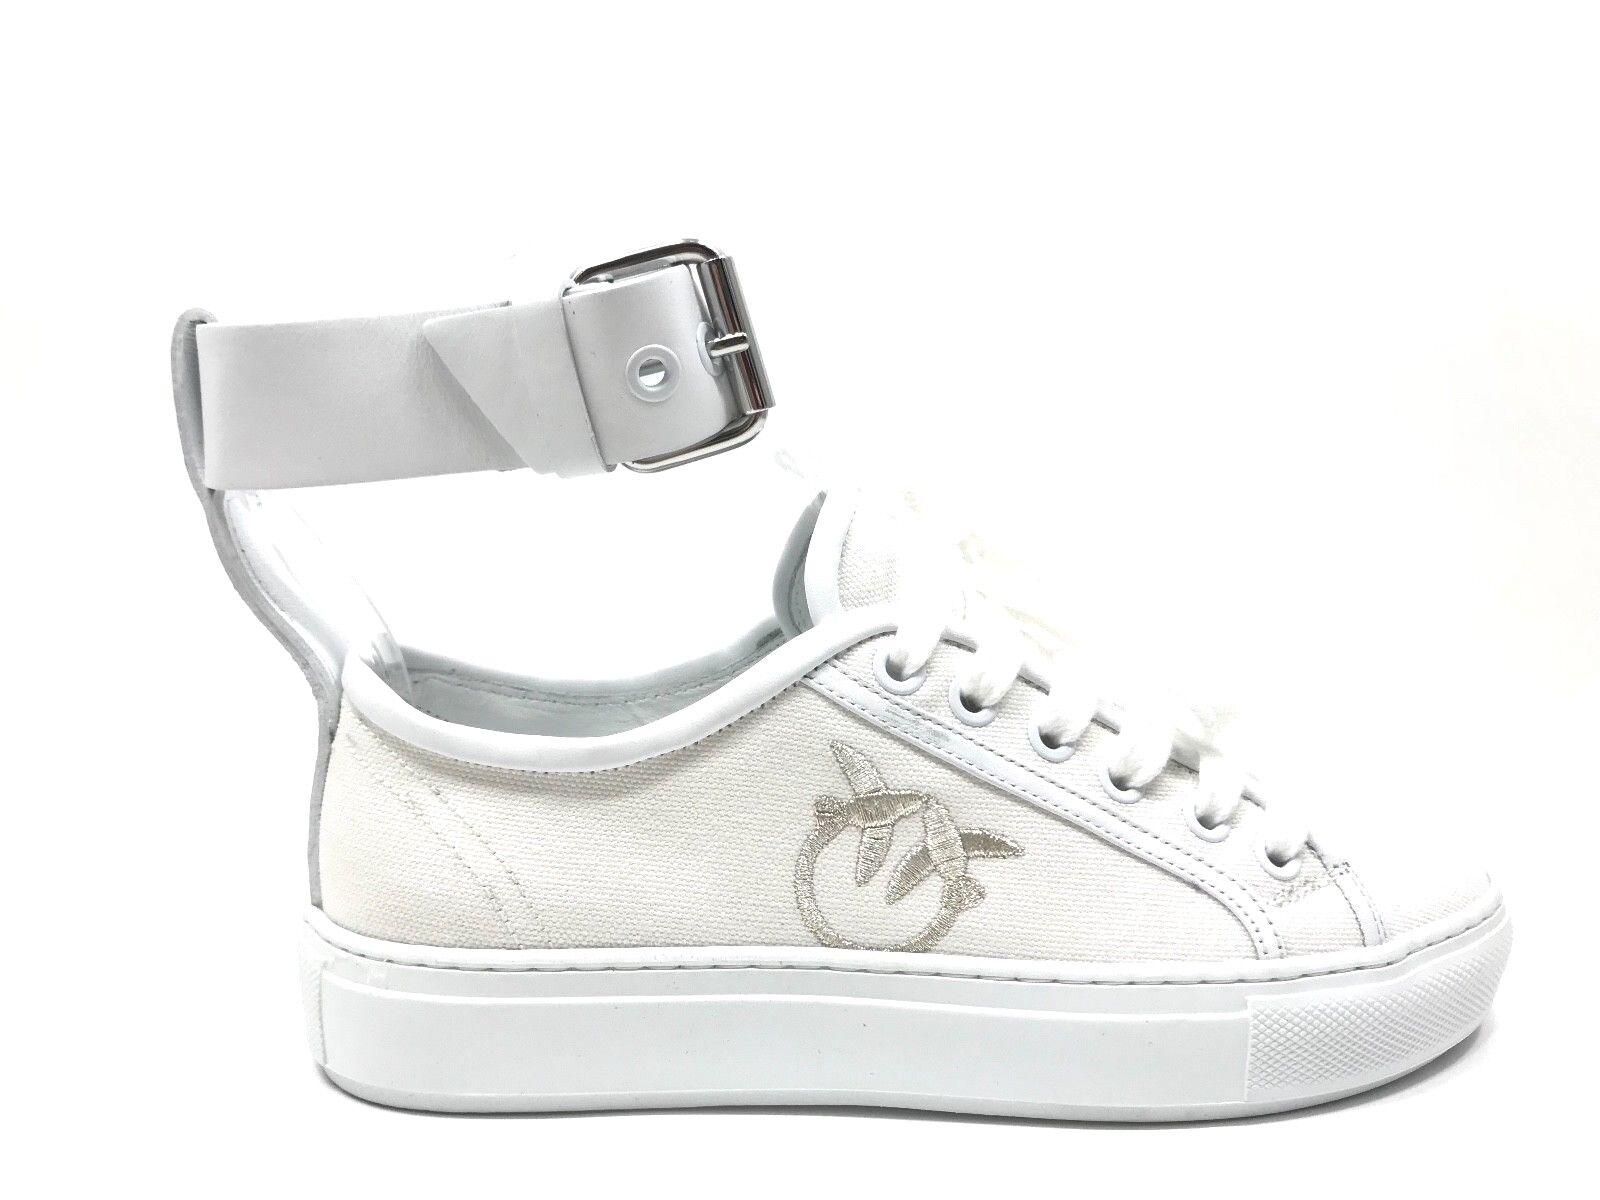 E18-PK3 Chaussures Femme 35 baskets roseo Bas Toile Blanc Fabriqué en Italie